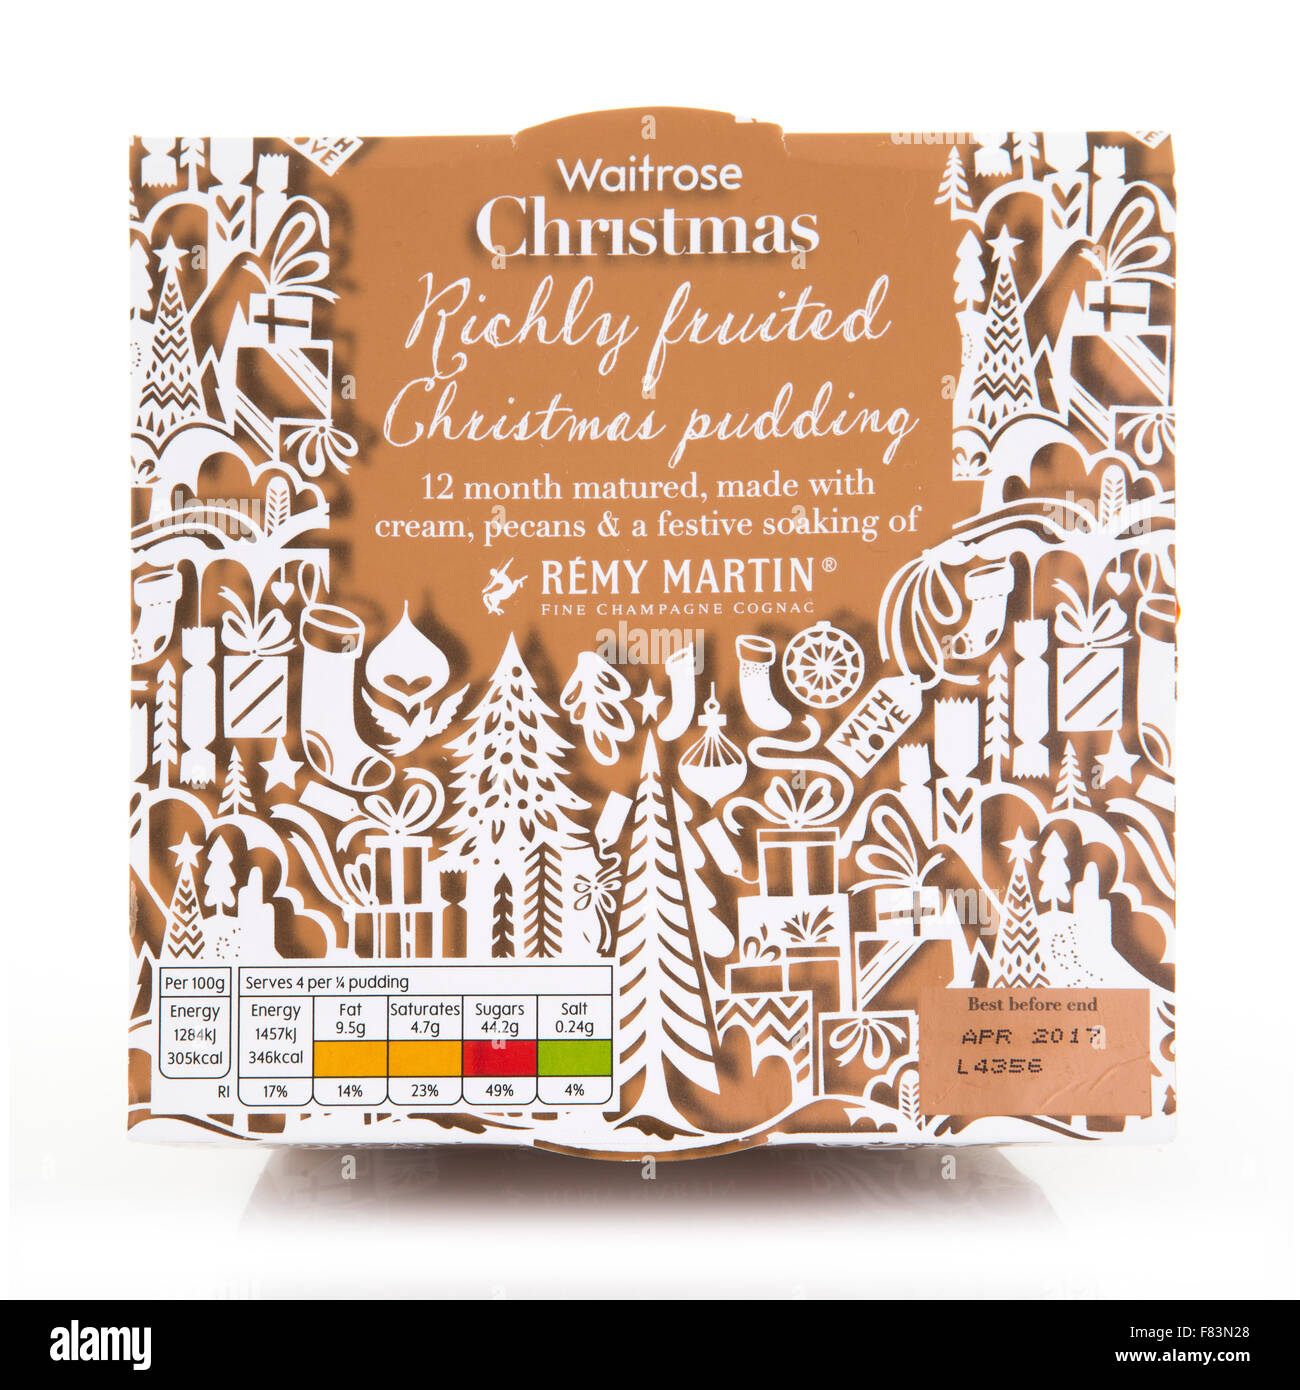 Waitrose fruitée Riche Crème pudding de Noël avec une ambiance festive, les pacanes et le trempage Photo Stock